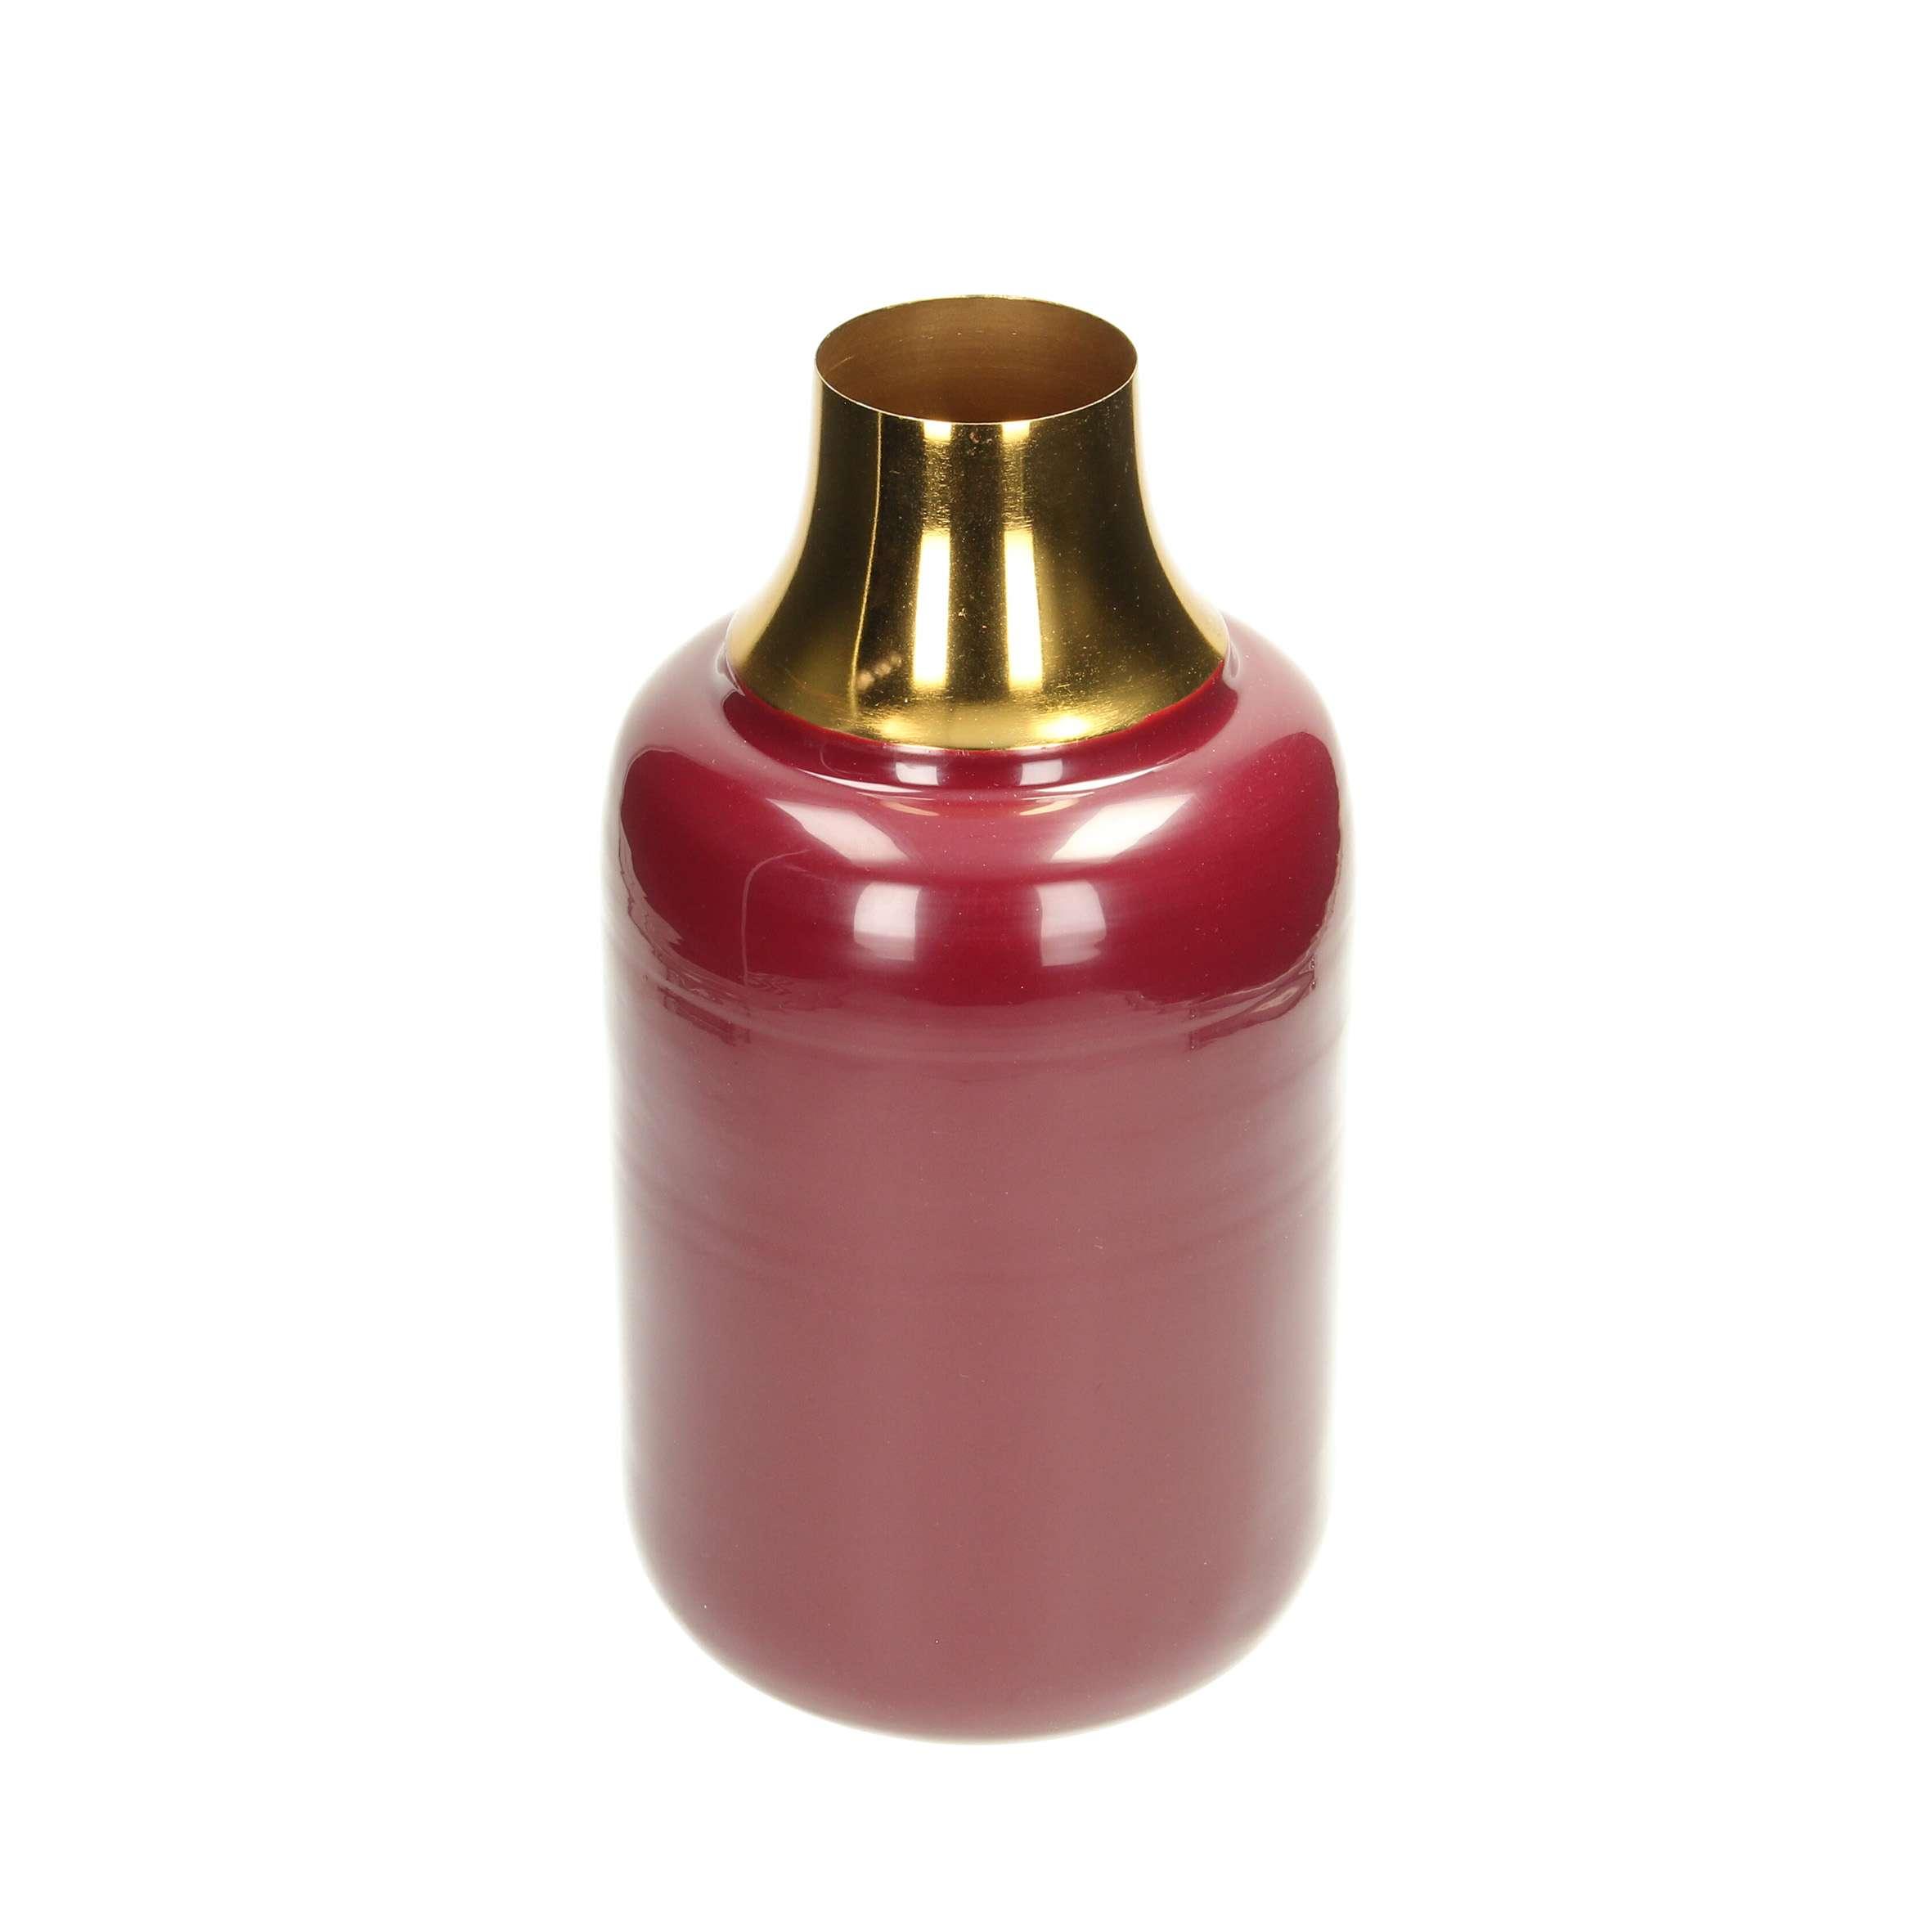 Vase Cora 28 cm